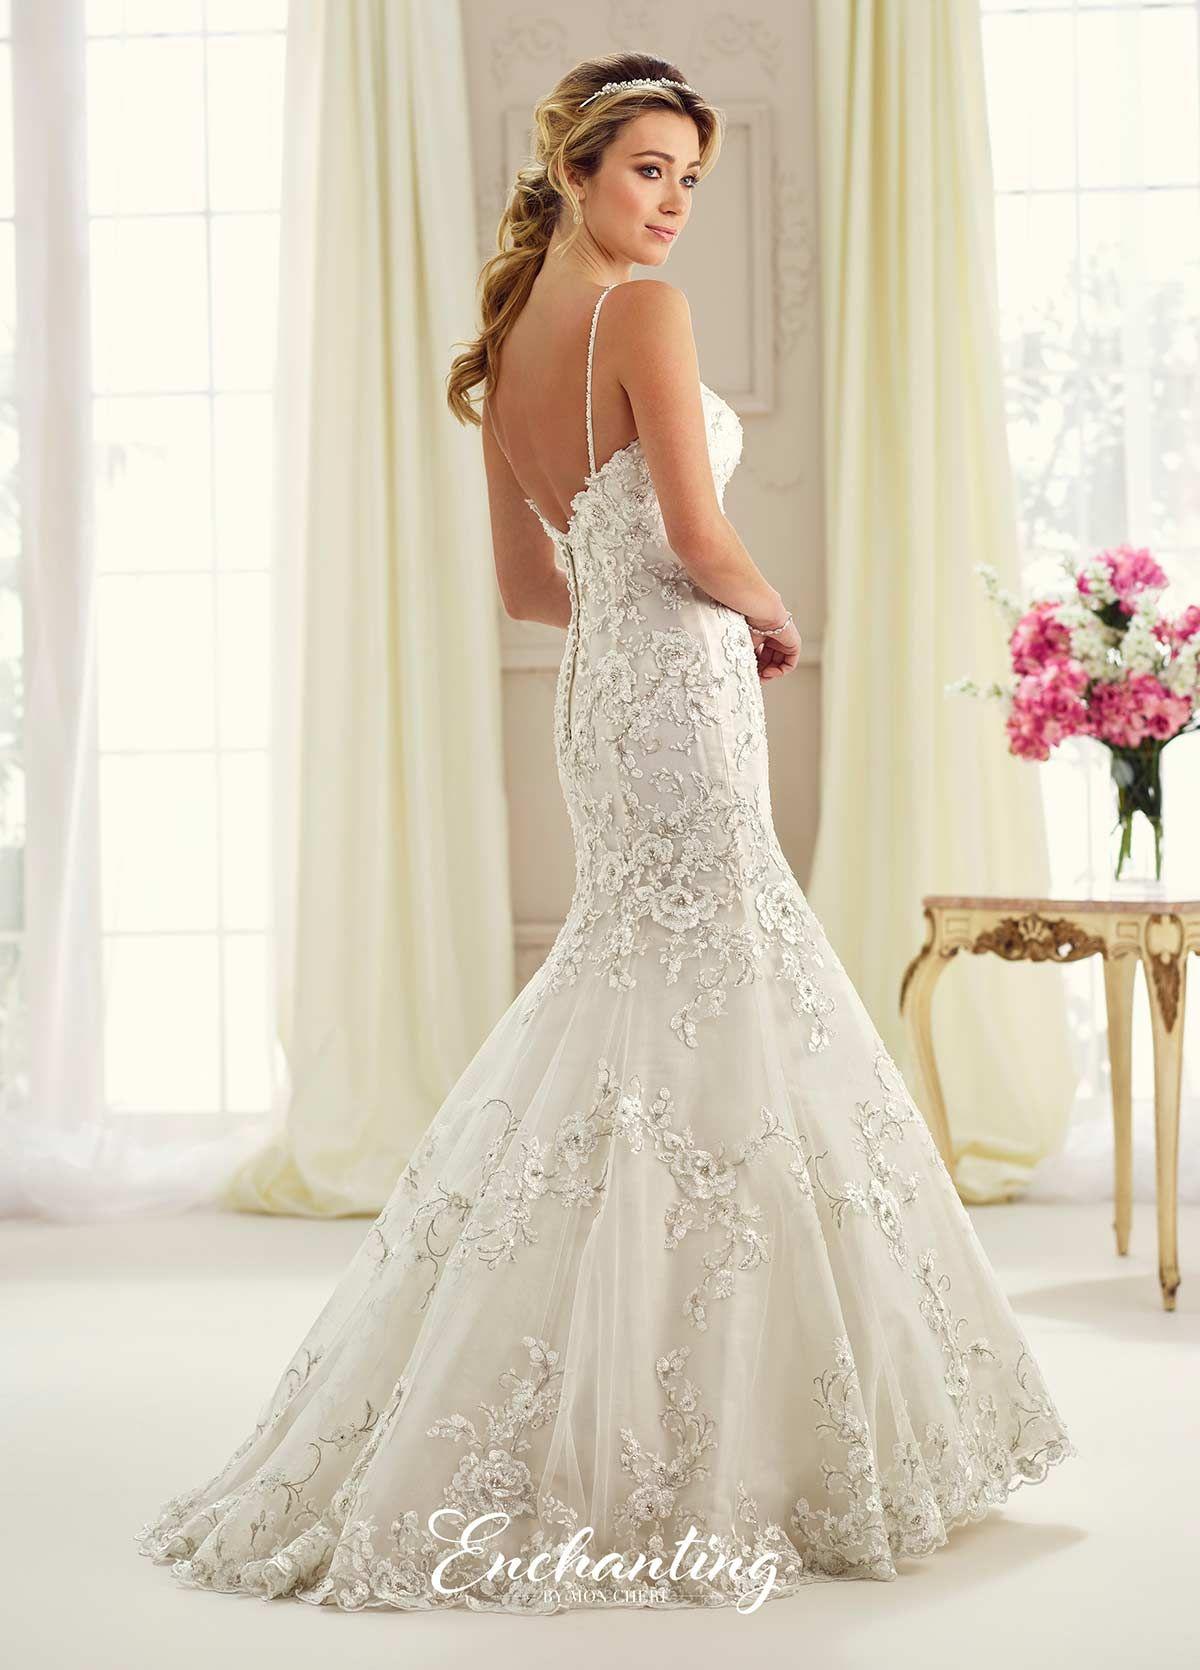 Enchanting 217124   Mon Cheri Bridals   Mon cheri wedding